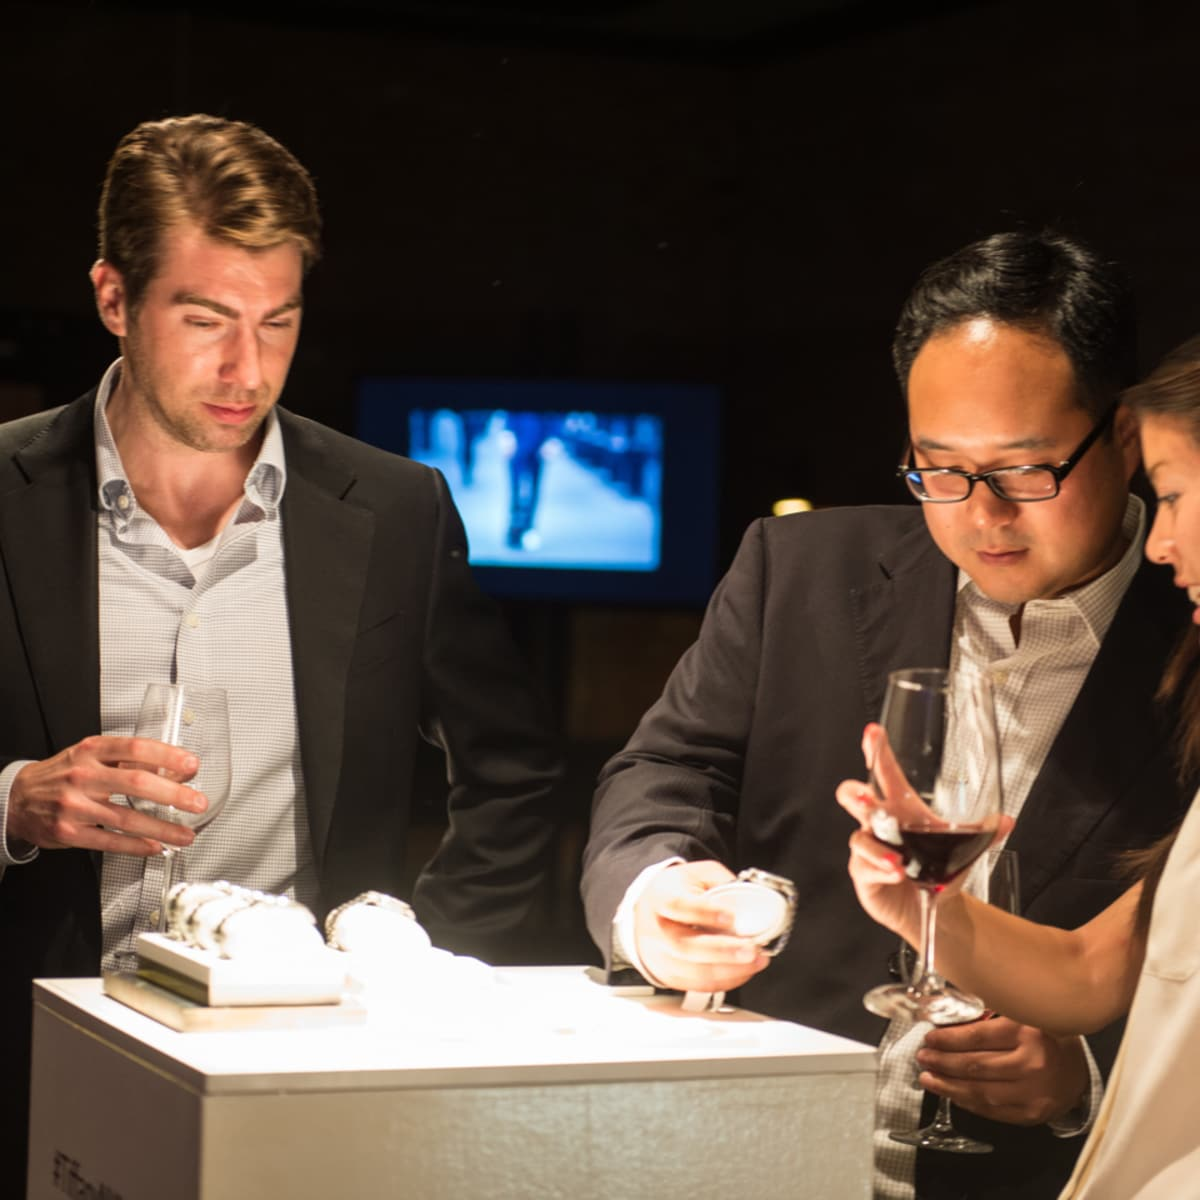 Camerata and Tiffany Watch Launch Brad Gilde, Randy Ho and Winnie Yu